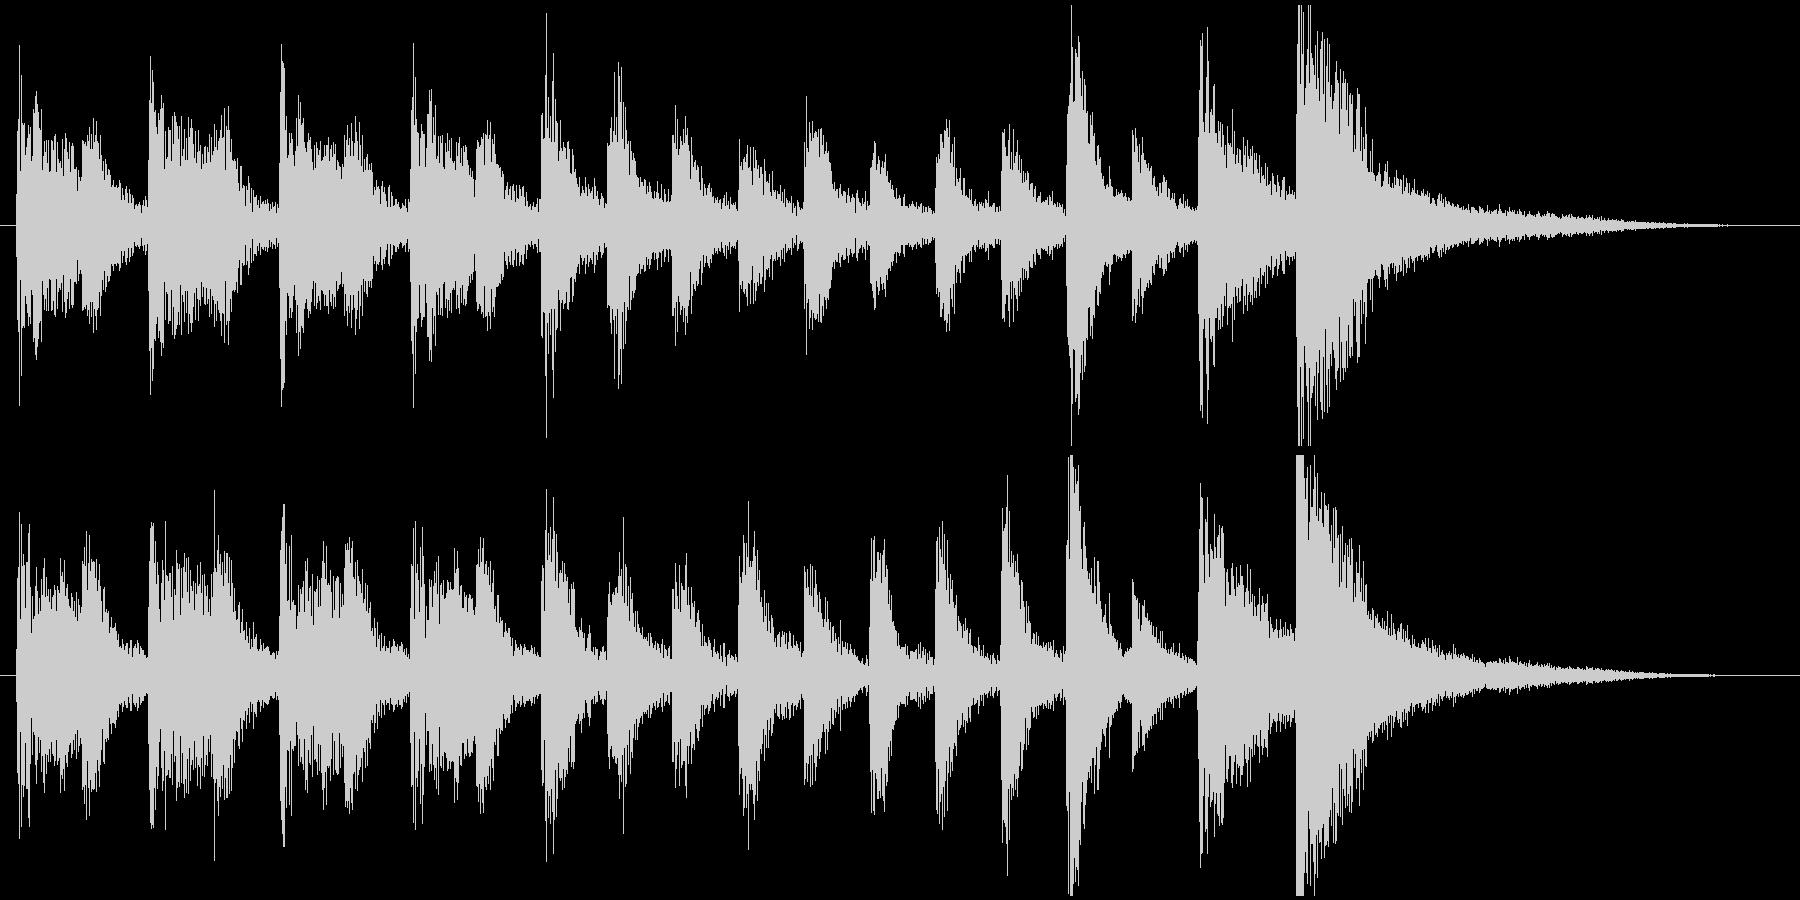 ポップなピアノトリオのサウンドロゴの未再生の波形